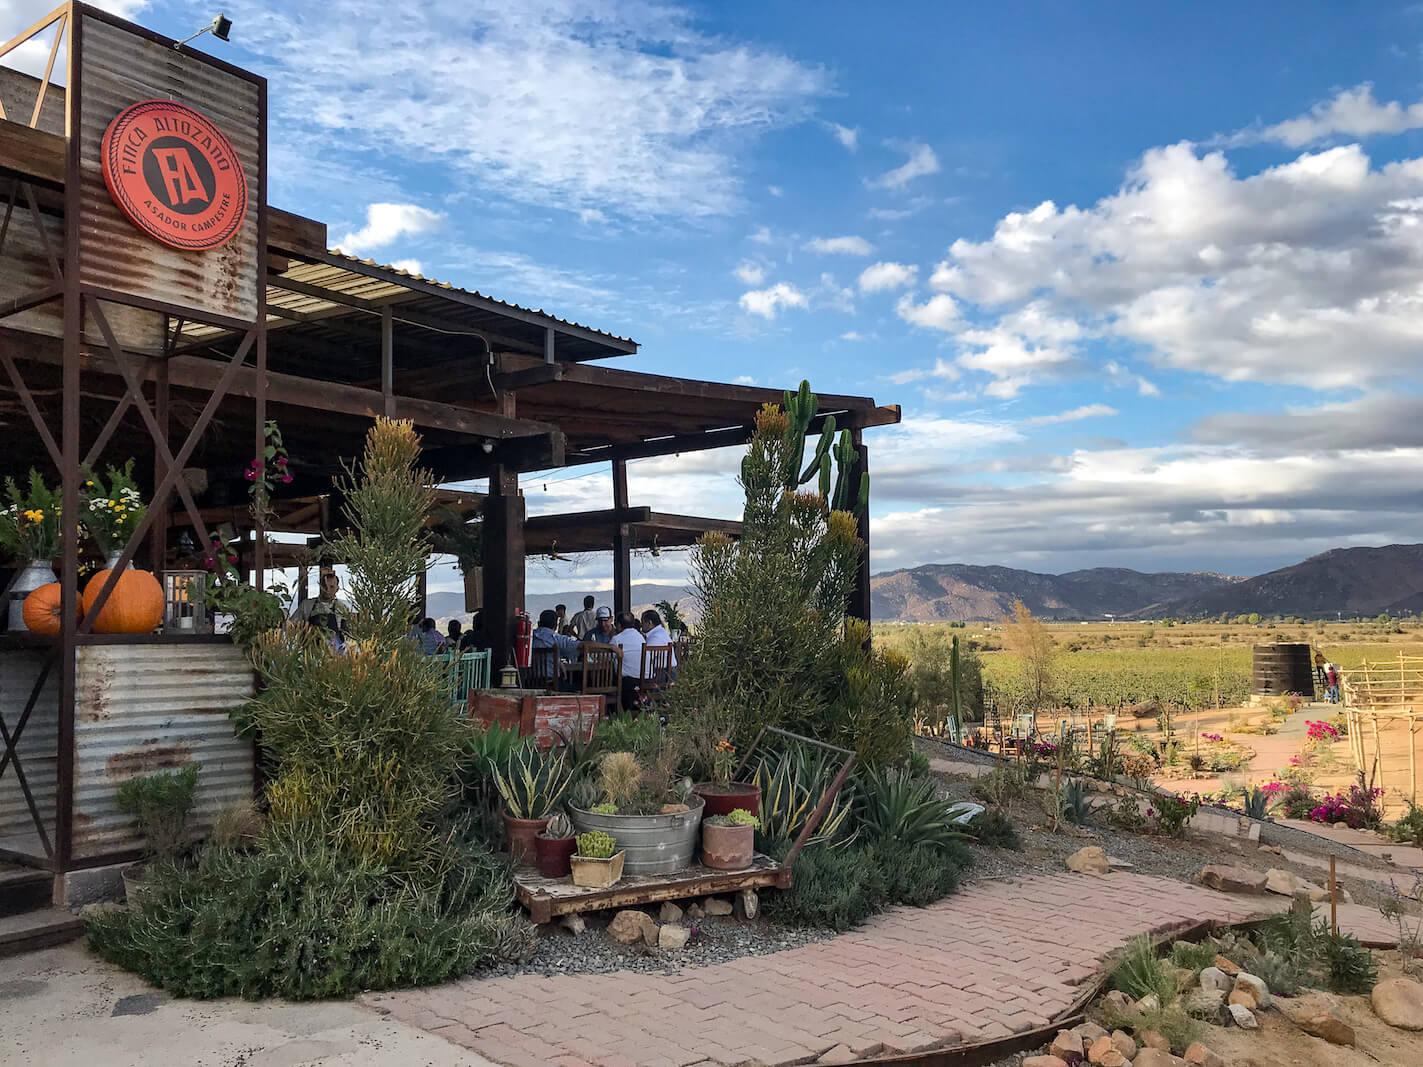 Finca Altozano restaurant in Valle de Guadalupe, Mexico